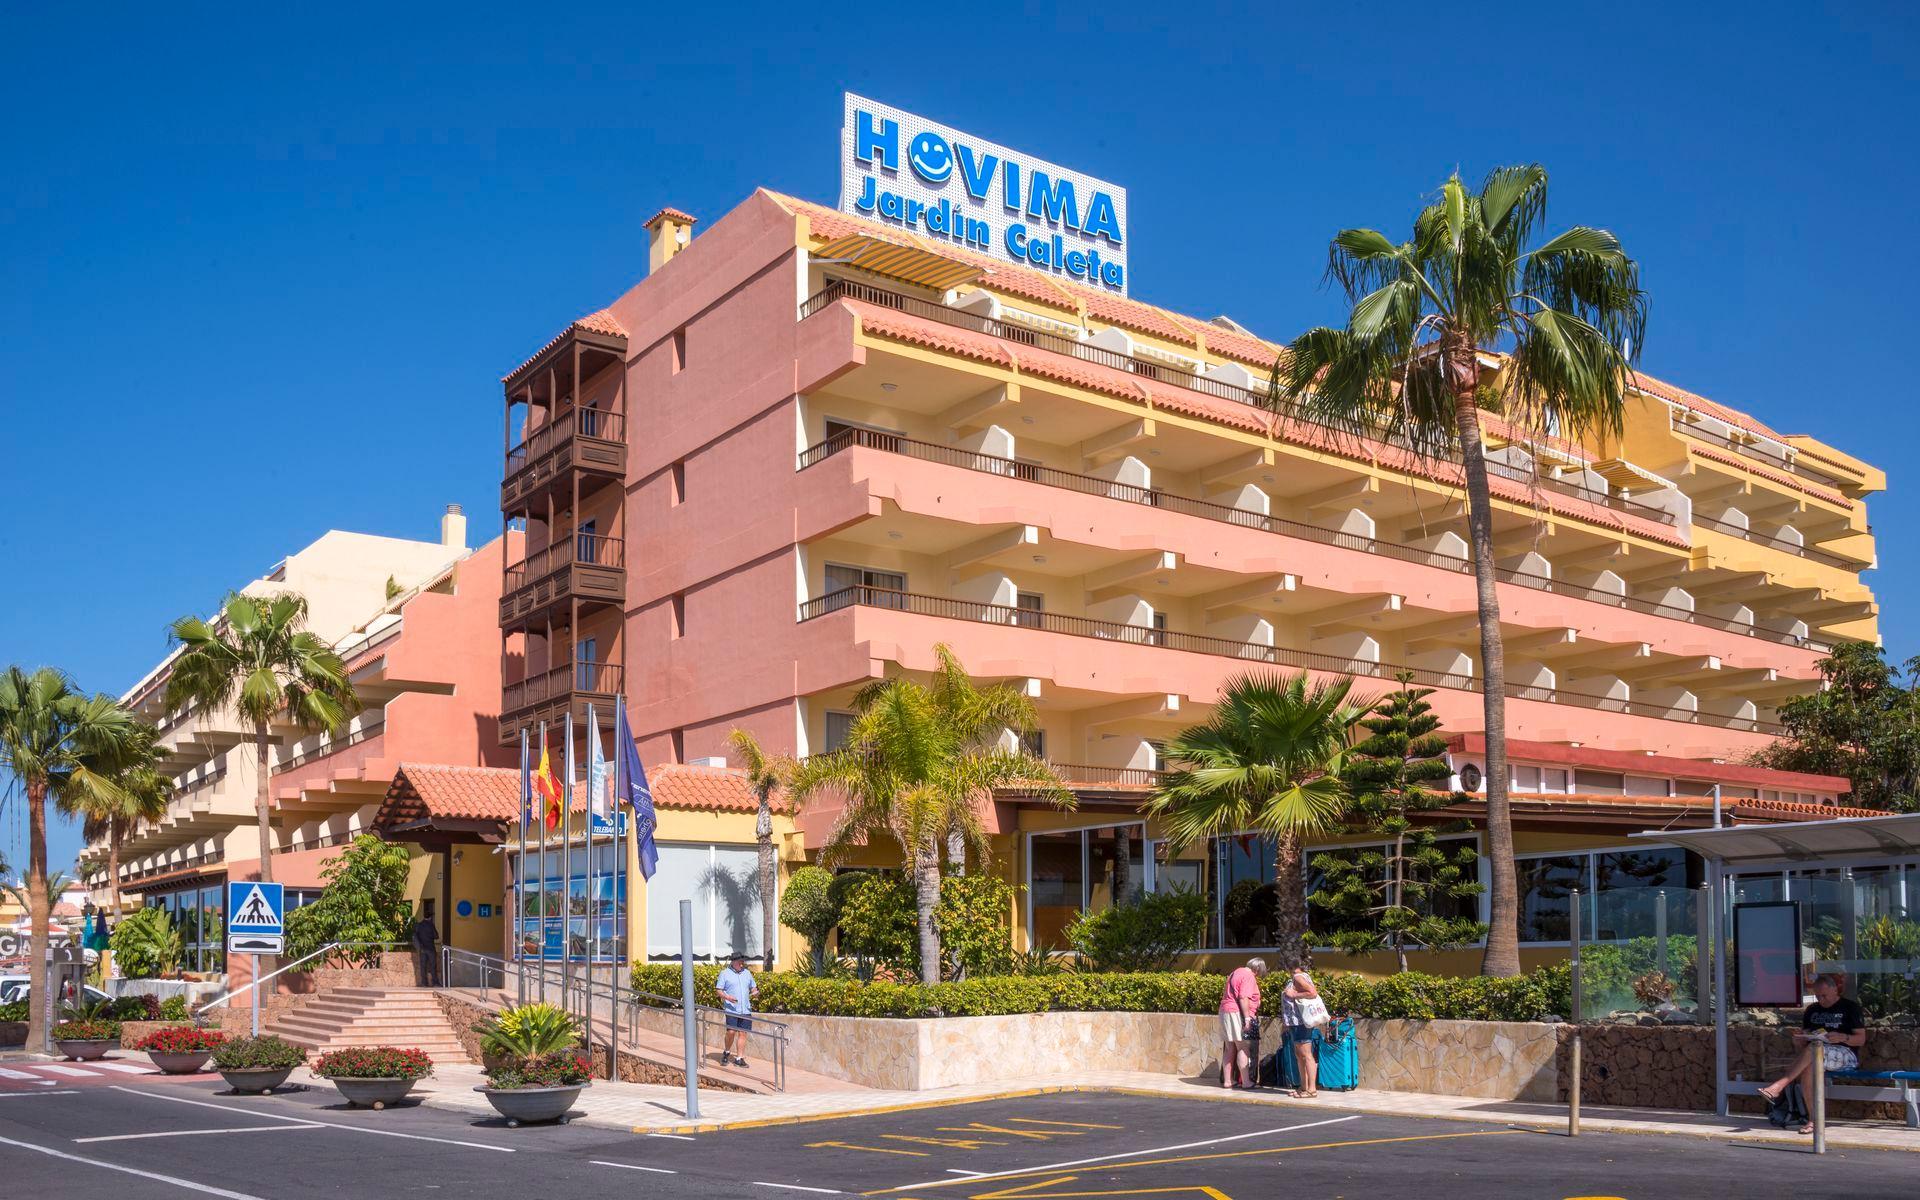 Hotel aparthotel hovima jardin caleta en la caleta for Aparthotel jardin caleta tenerife